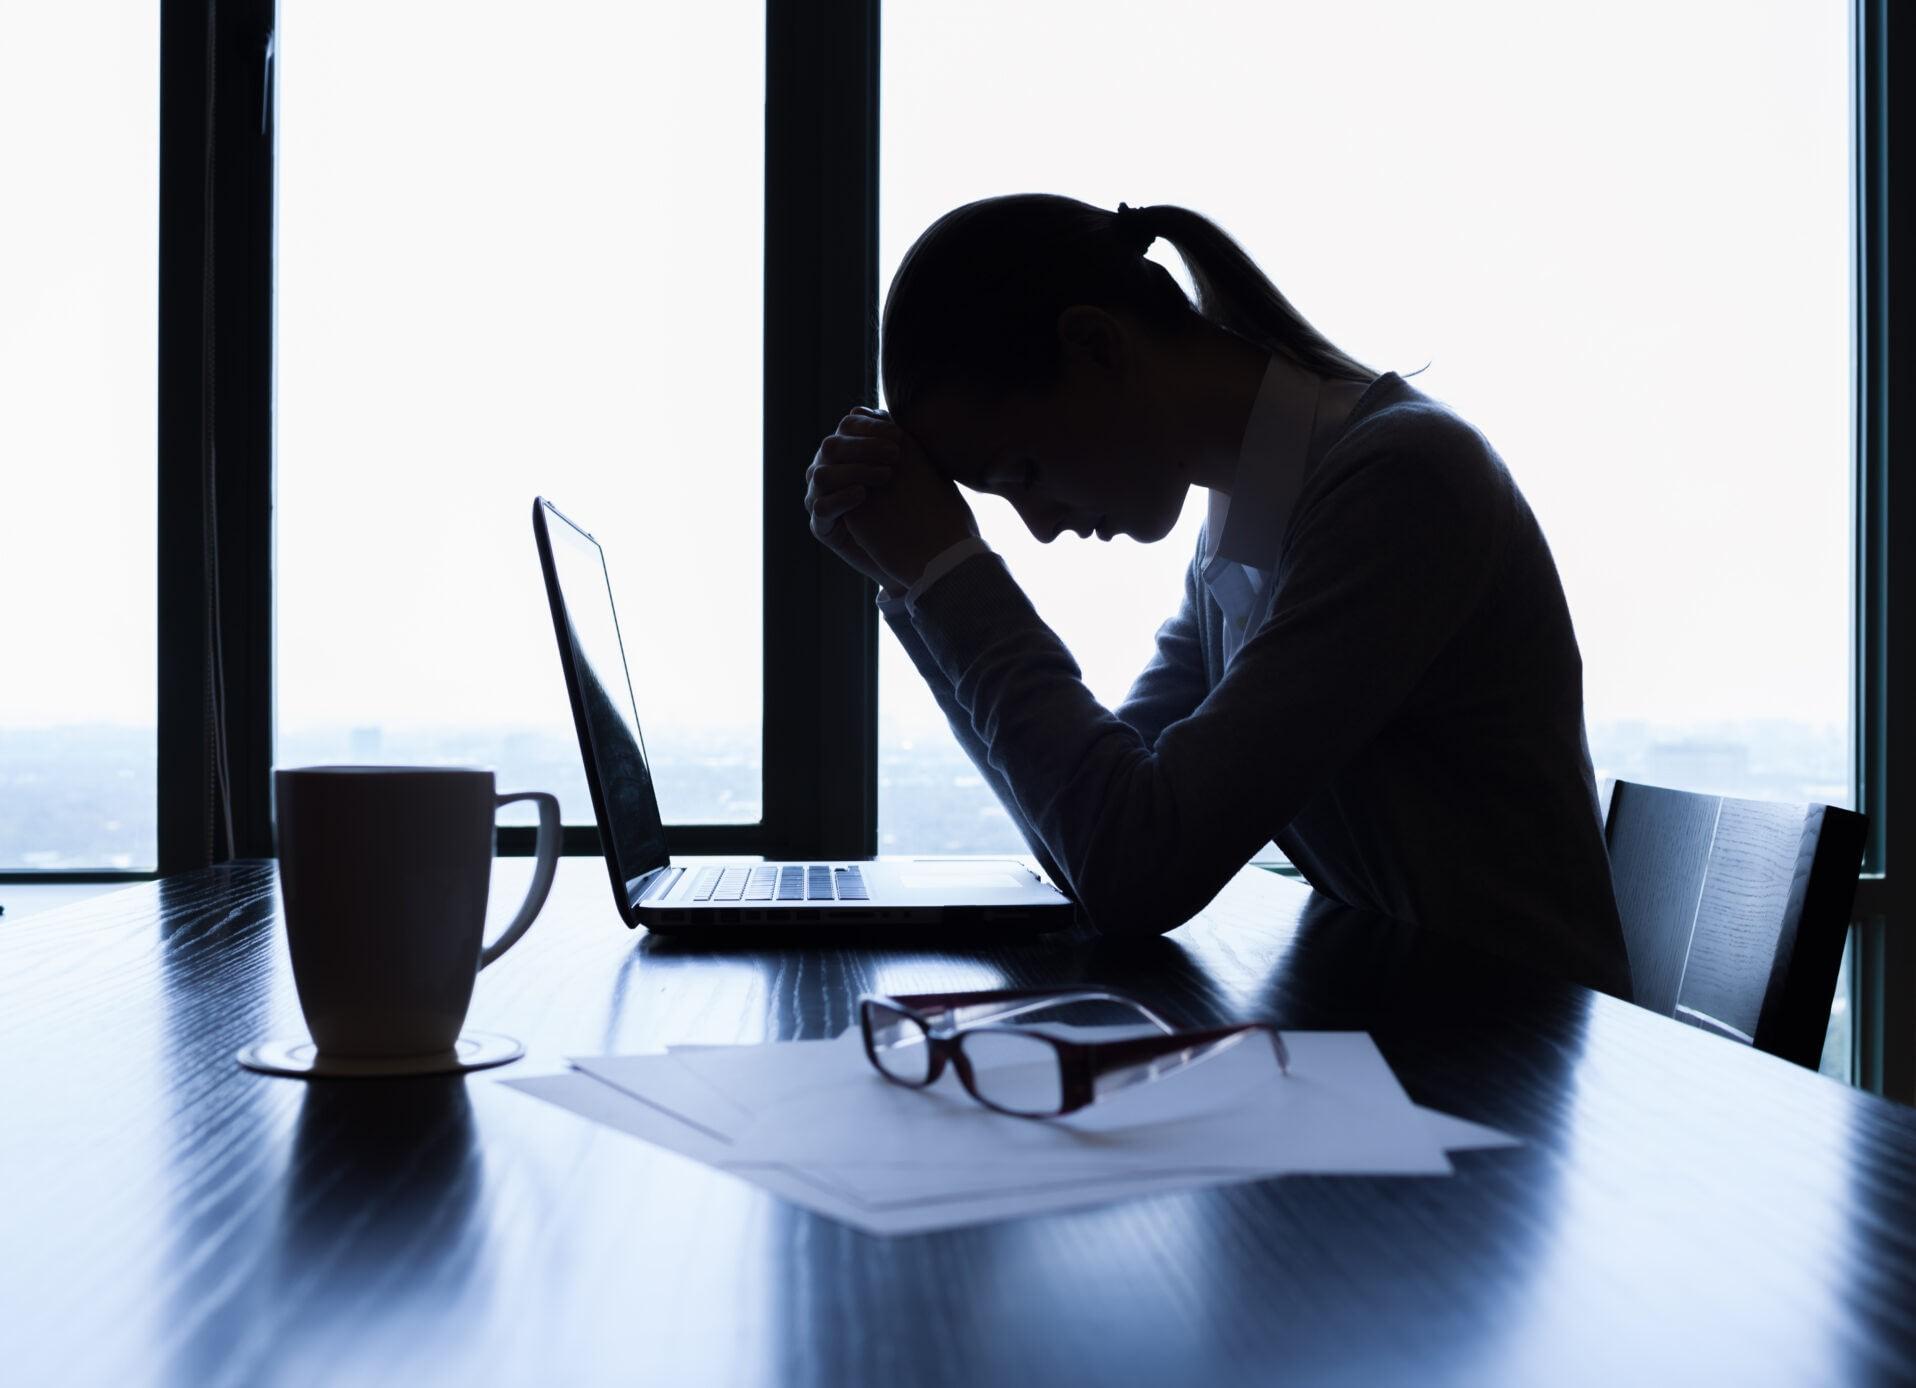 Asystentki rezygnują z pracy